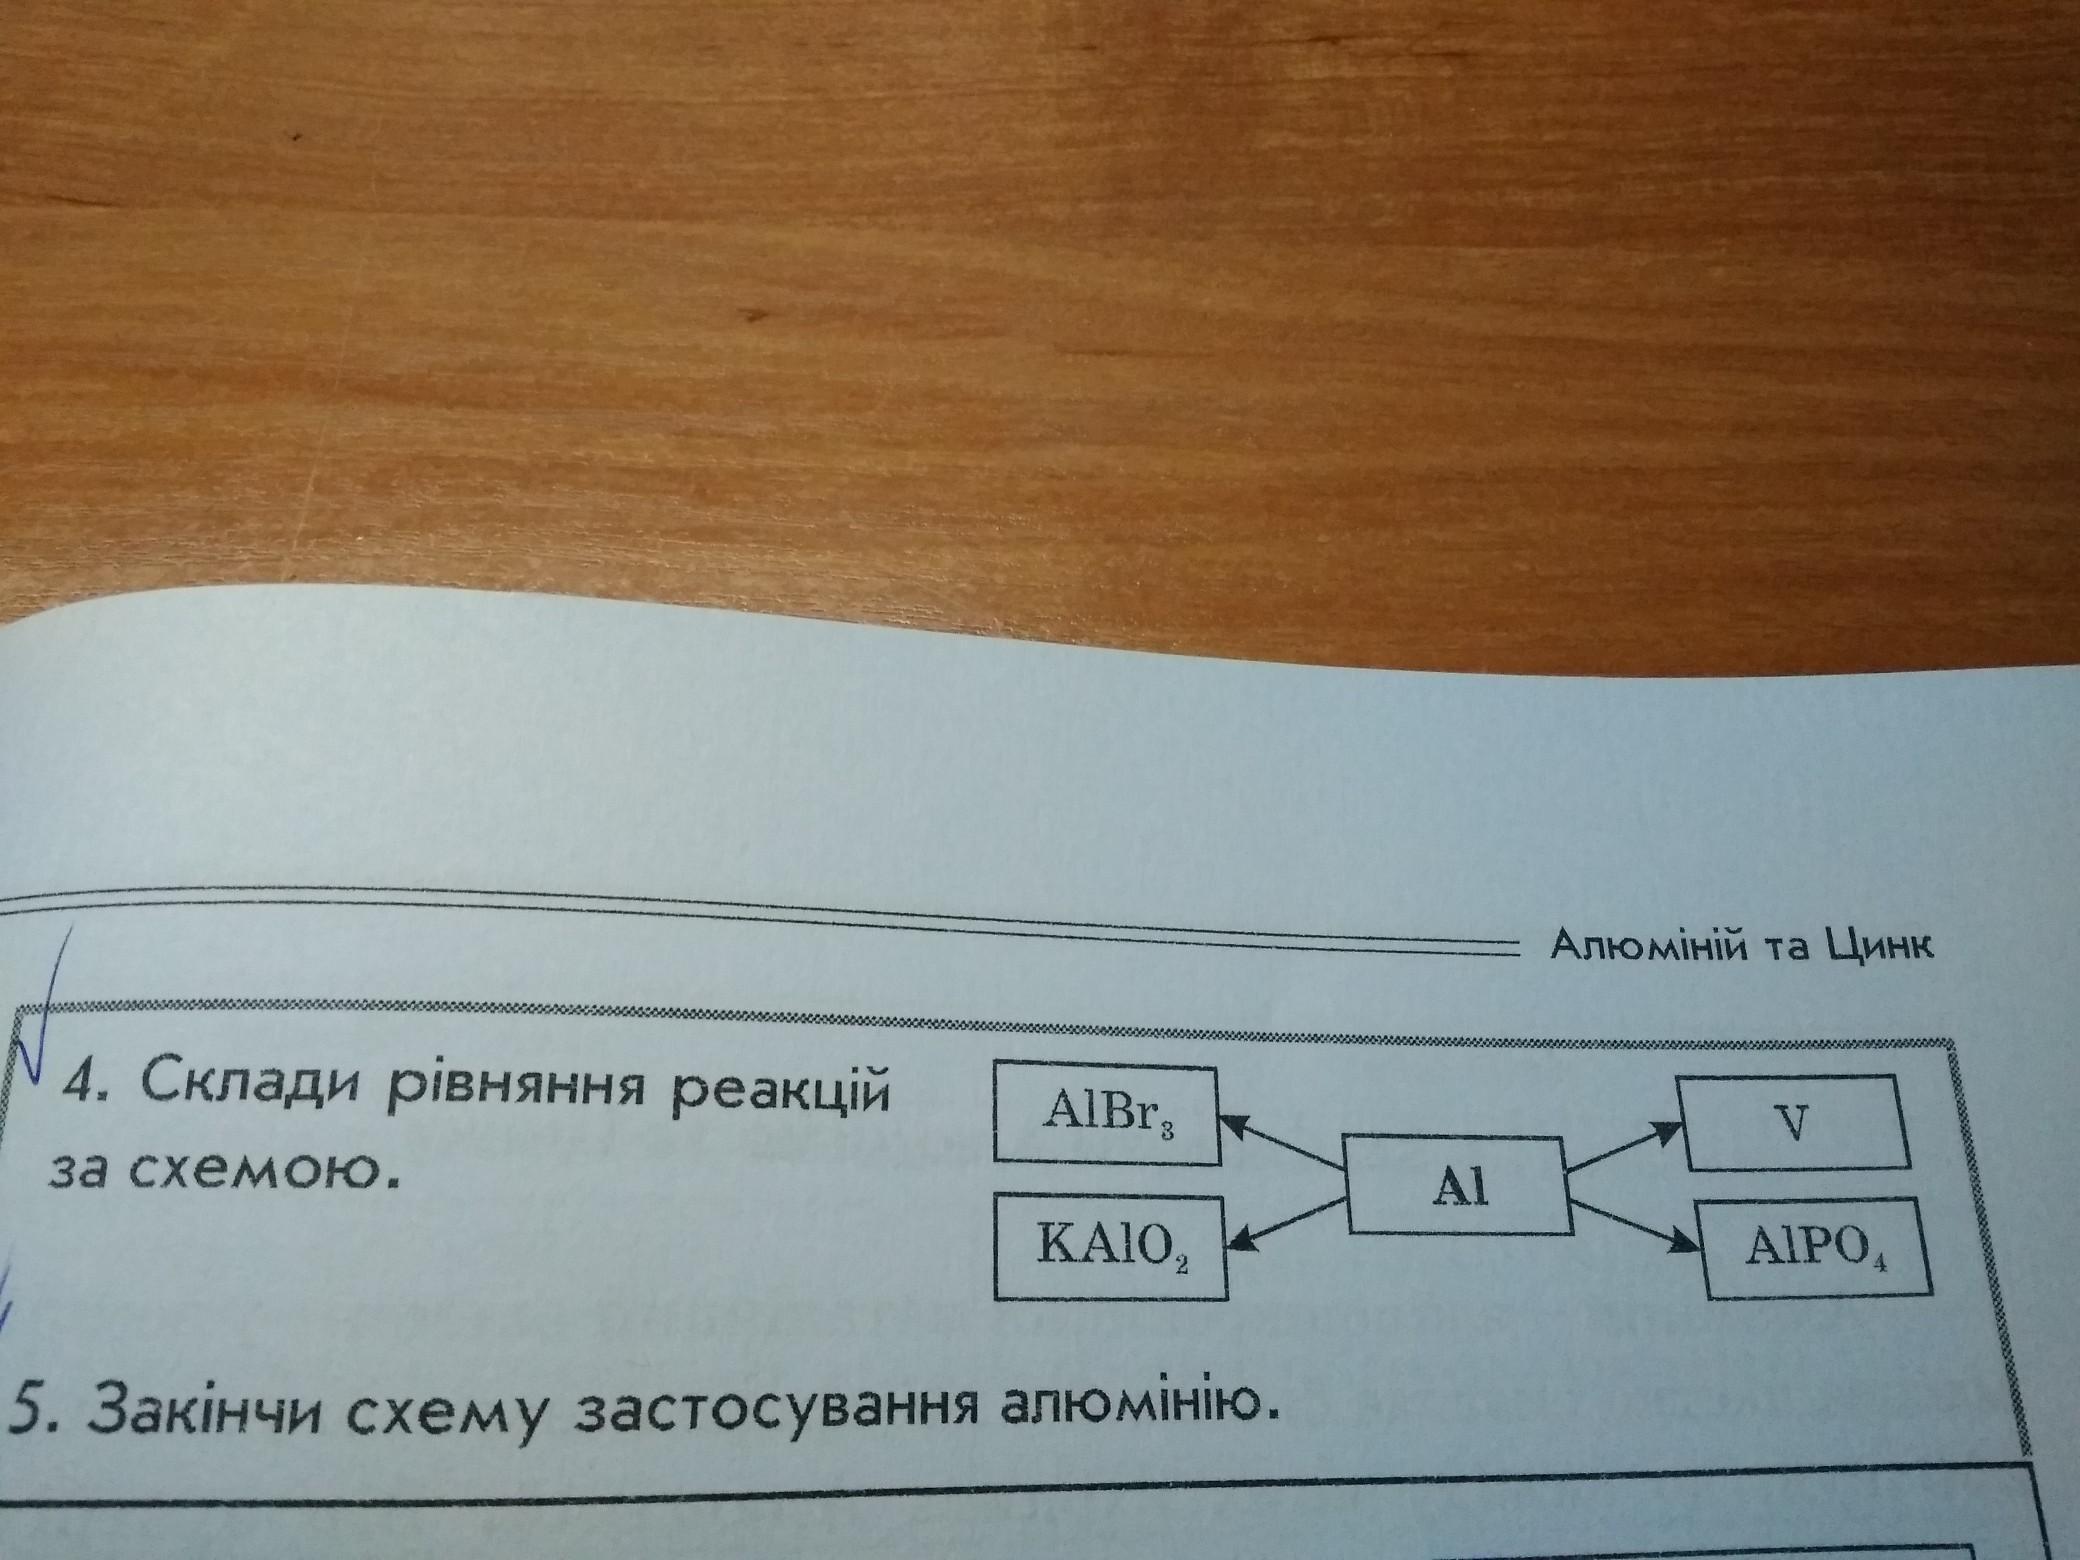 Склади рівняння реакцій за схемою